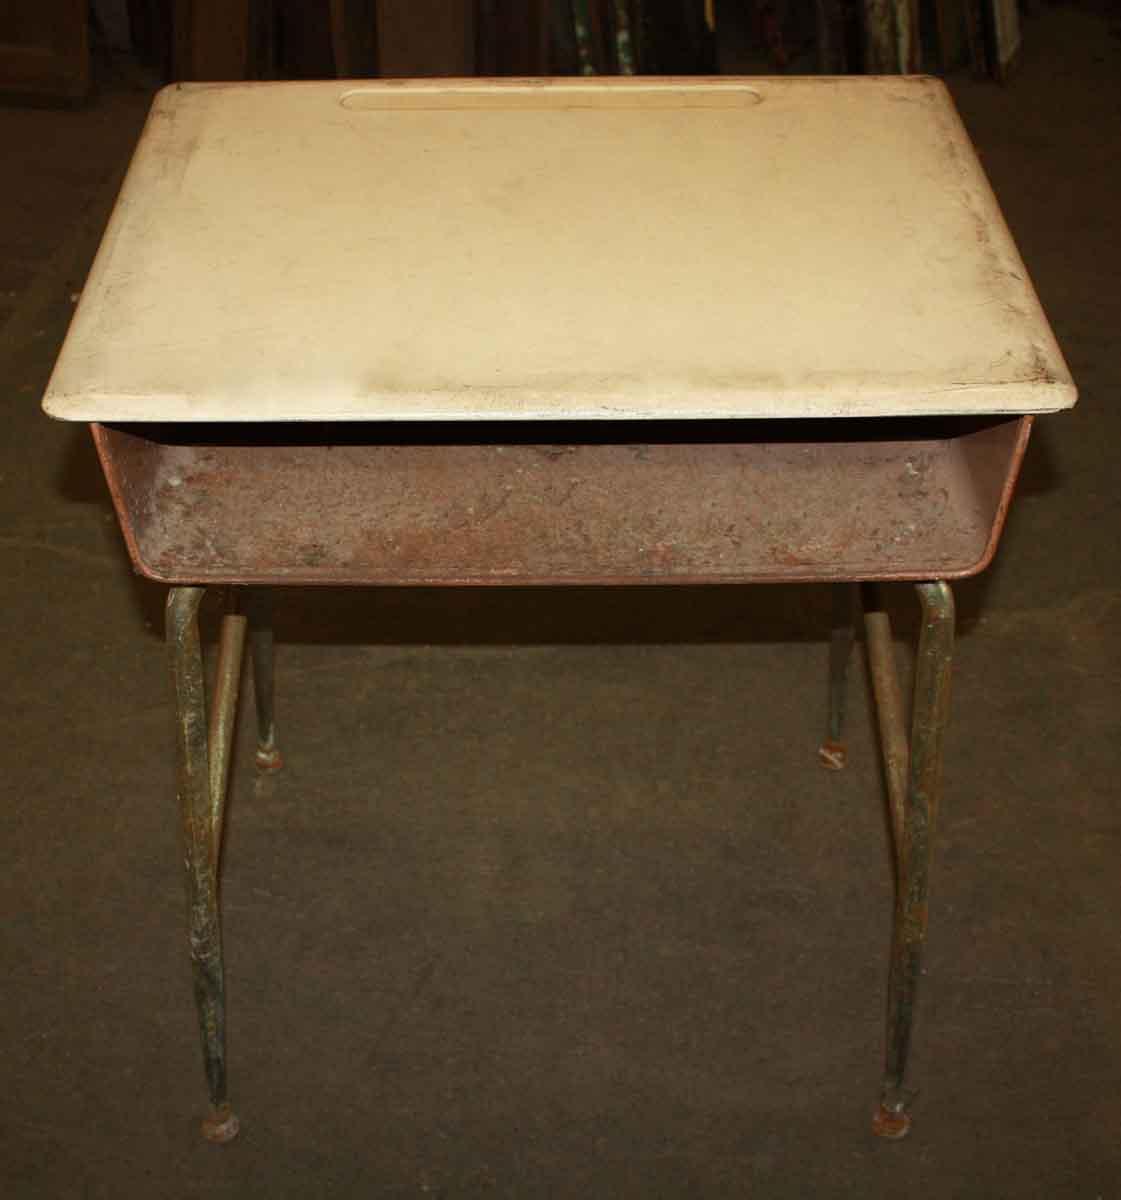 Heywood Wakefield Antique School Desks with Bakelite Top - Heywood Wakefield Antique School Desks With Bakelite Top Olde Good